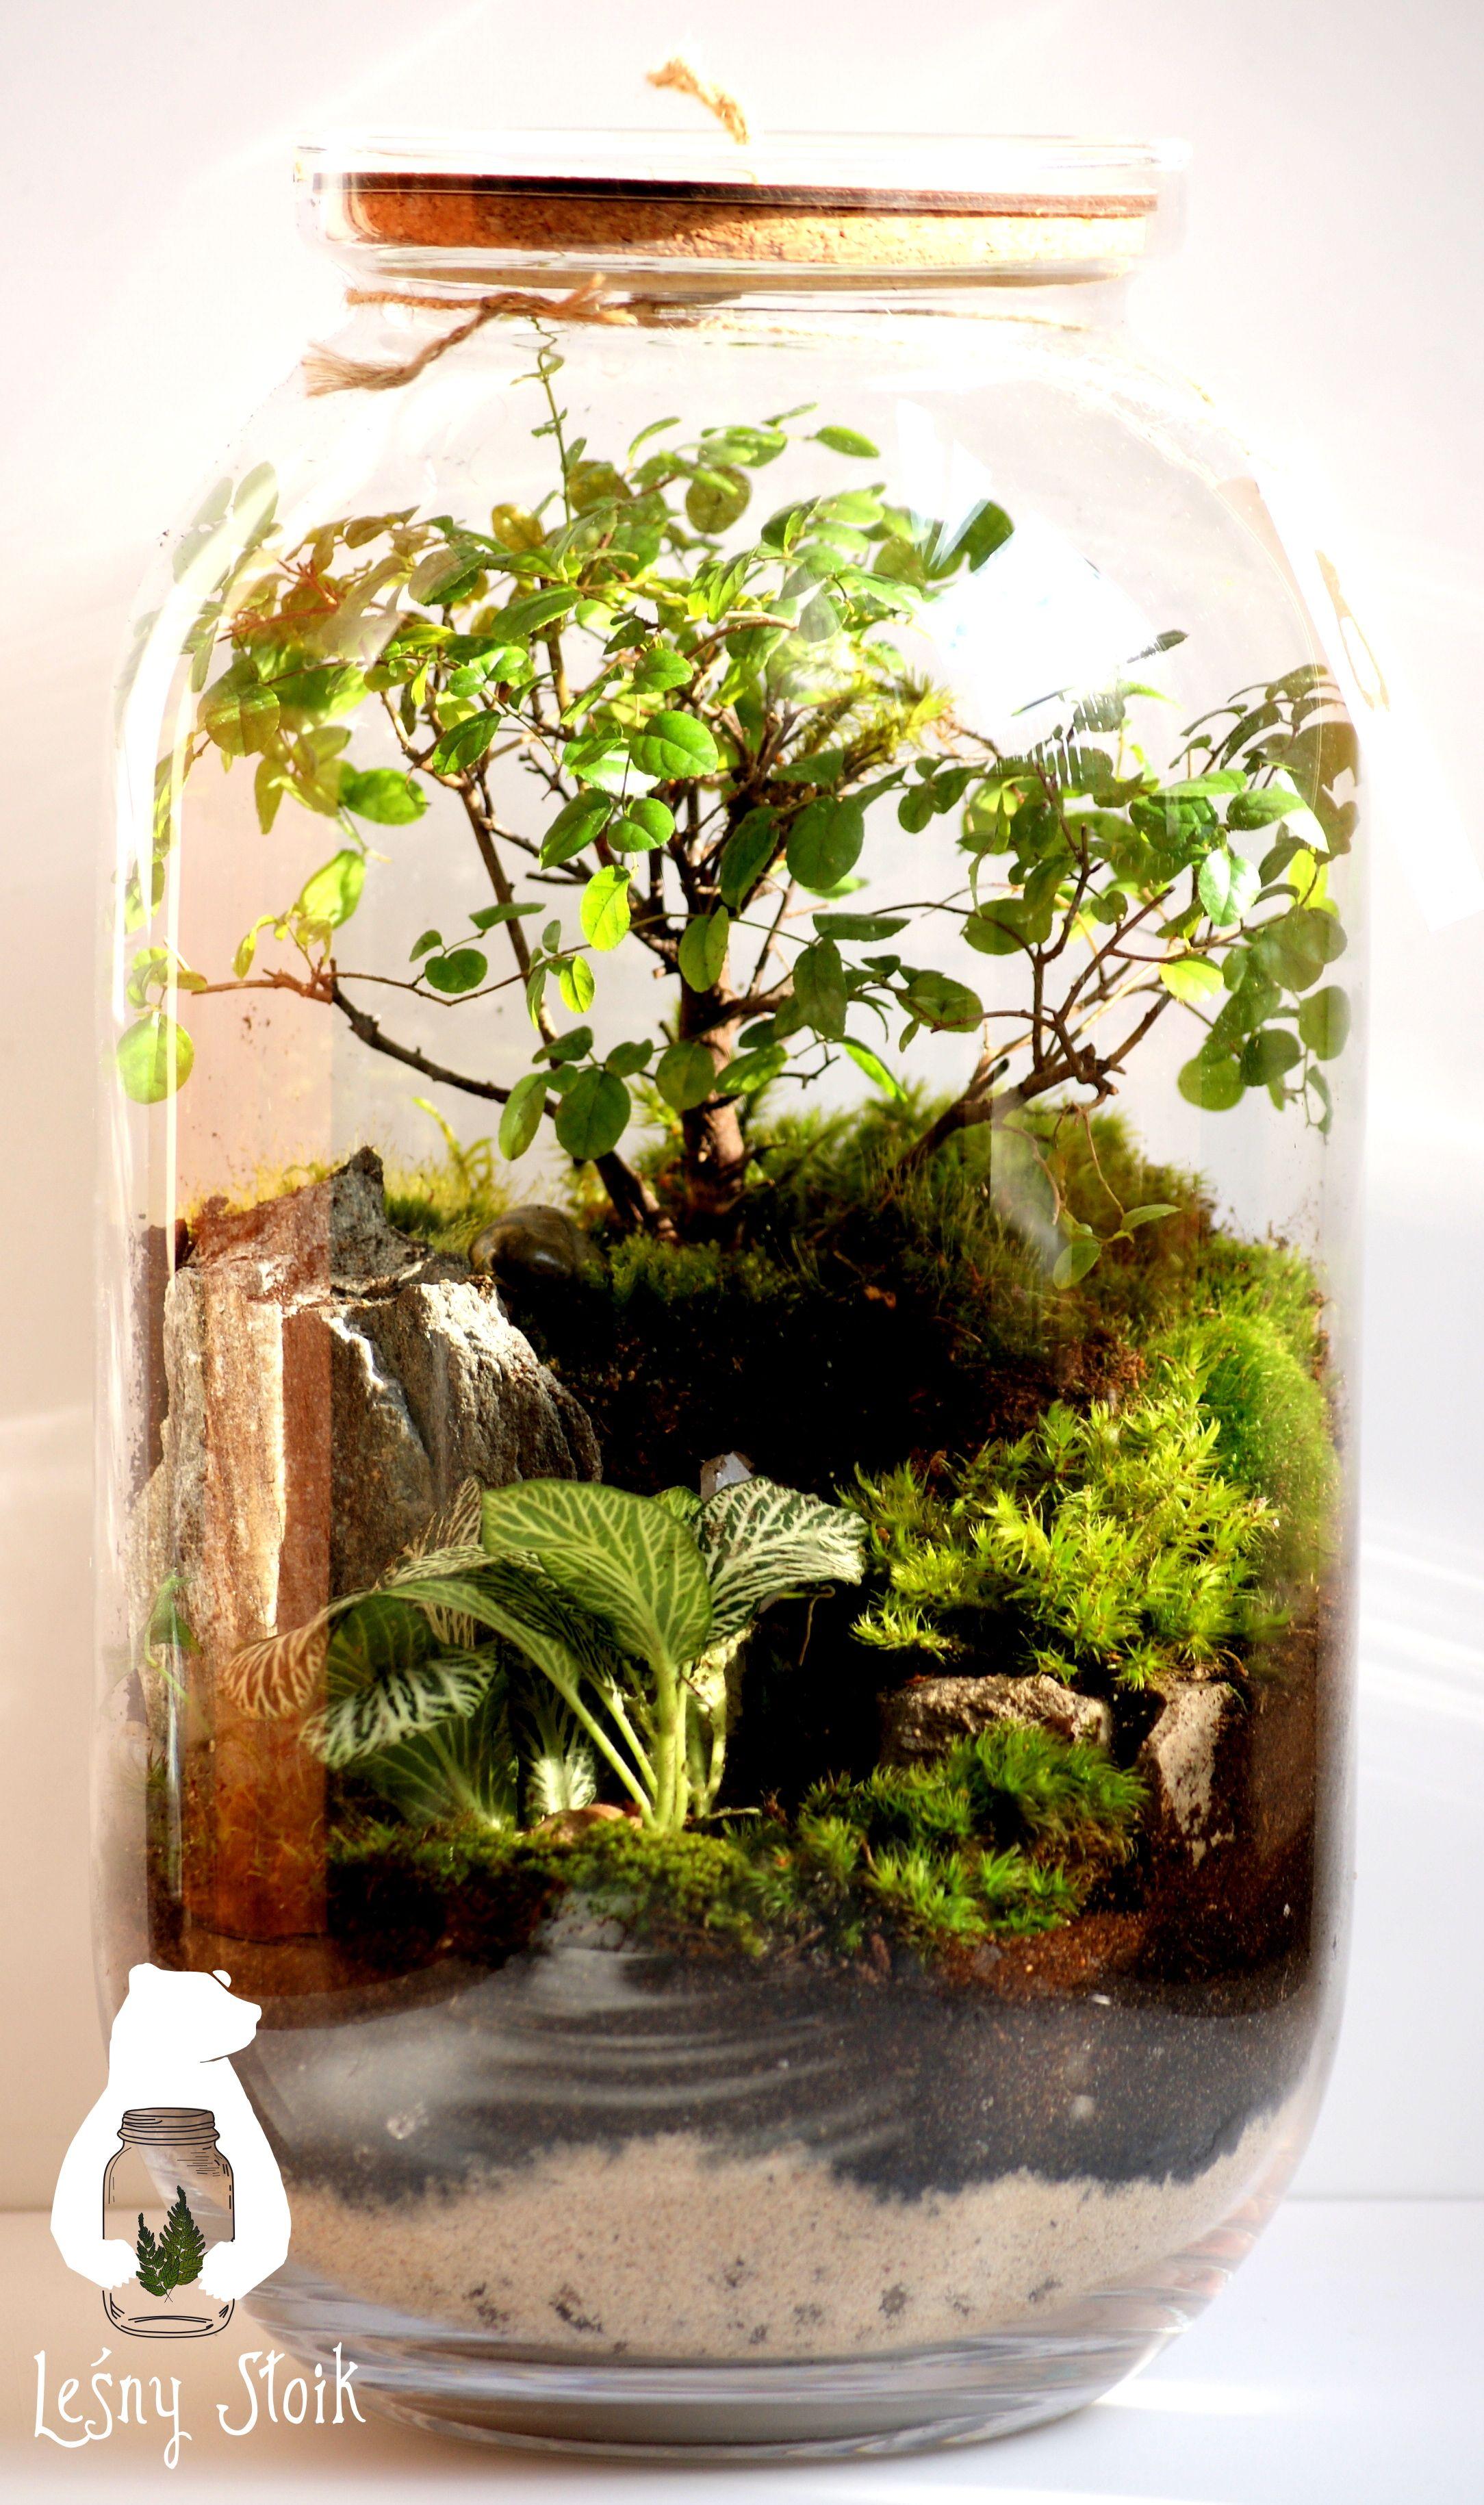 Lesny Sloik Firma Z Katowic Ktora Tworzy Nadzwyczajne Mikroklimaty Na Zdjeciu Znajduje Sie Autorska Zastrzezona Ko Plant In Glass Terrarium Garden Terrarium